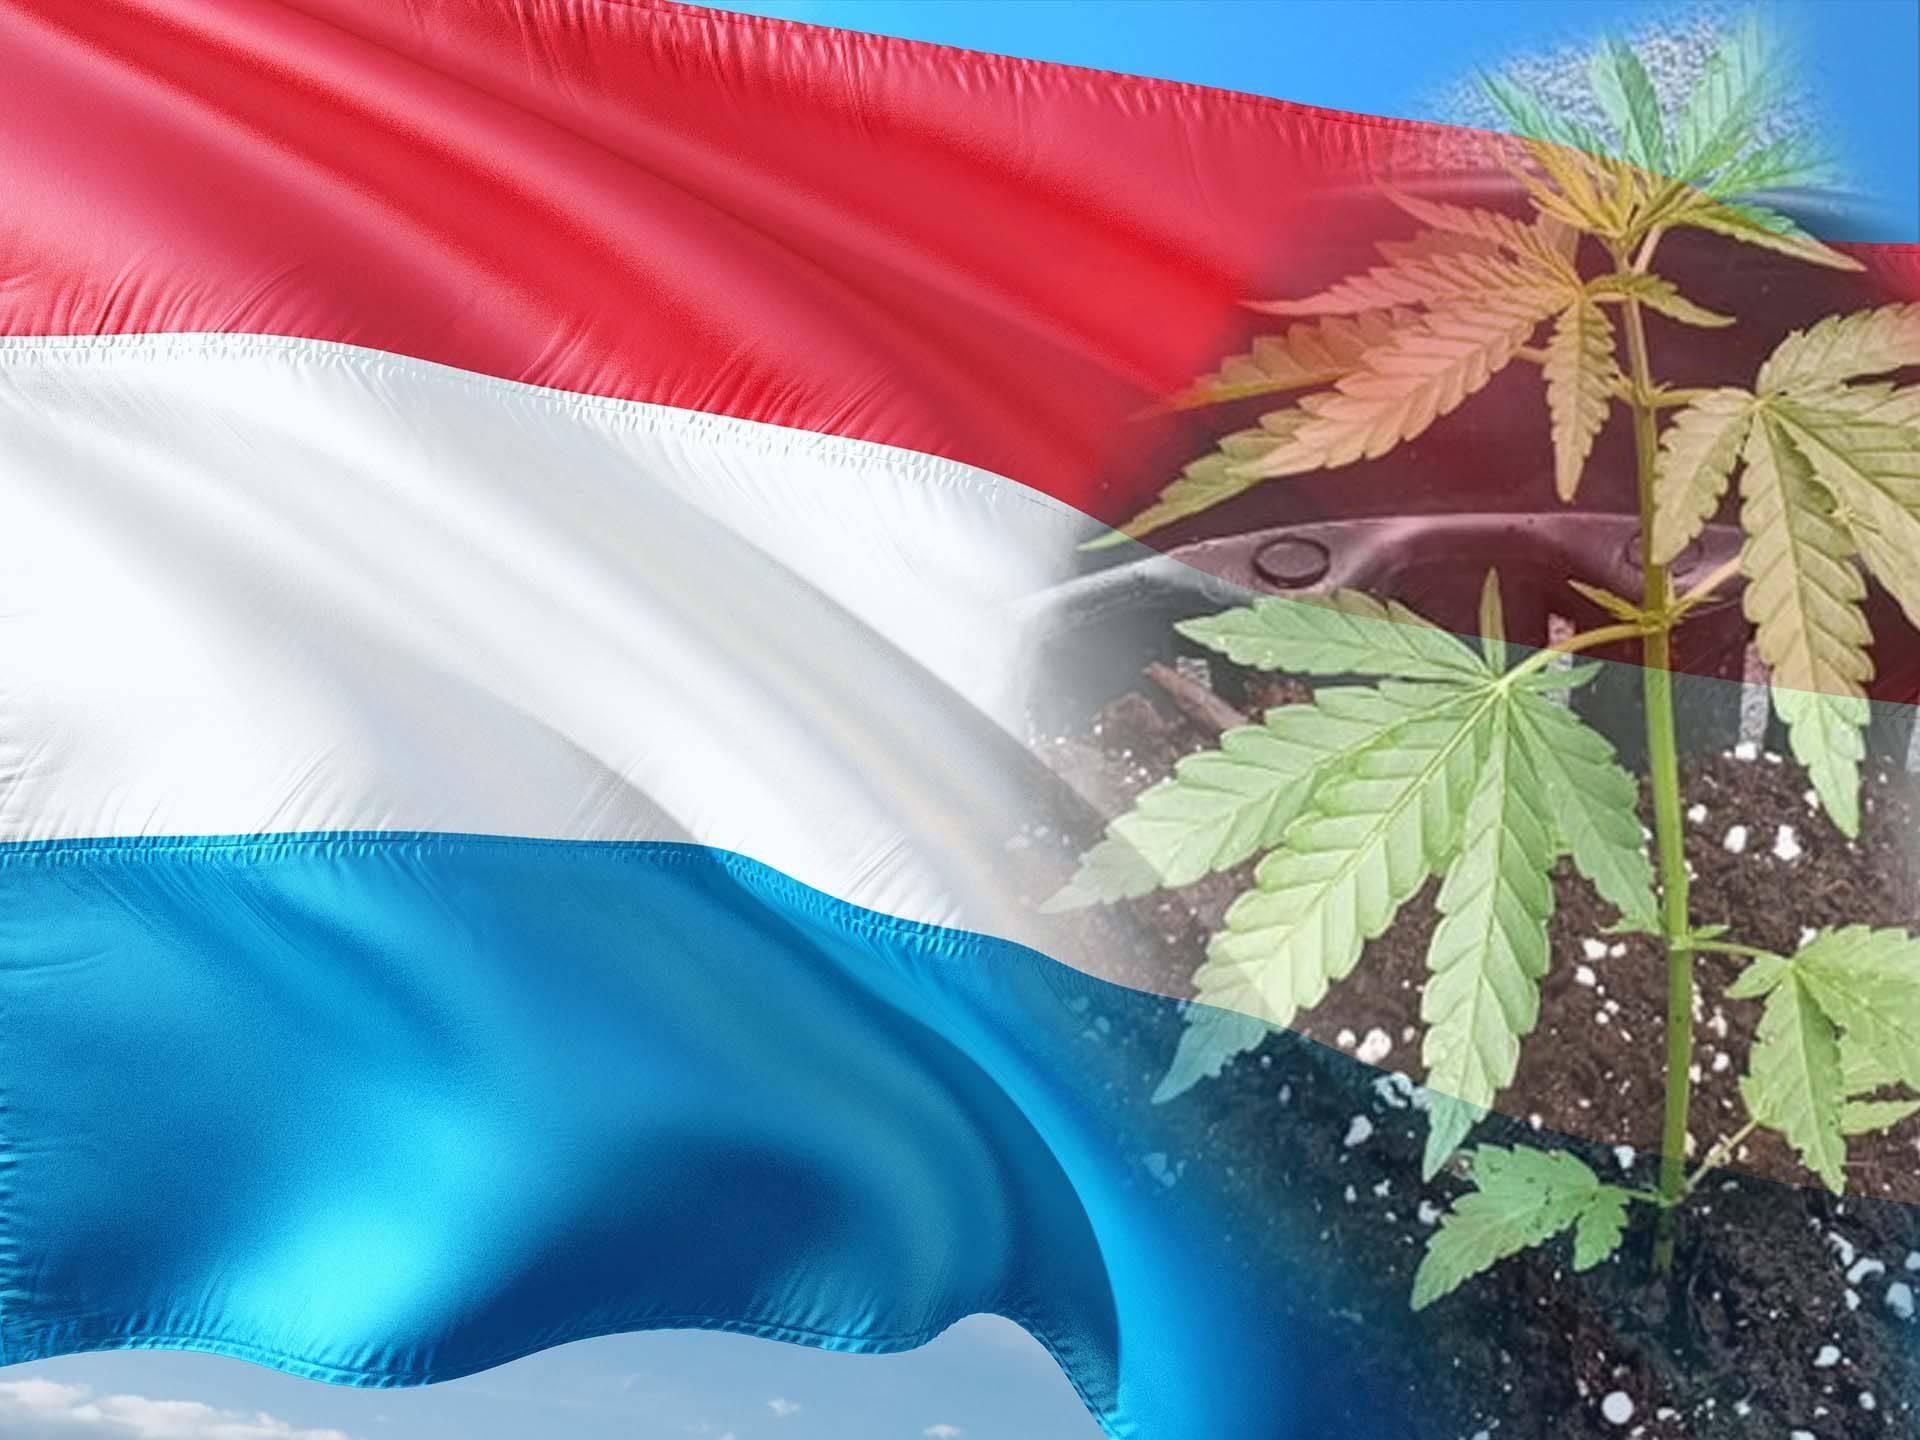 uksemburg legalizacja marihuany